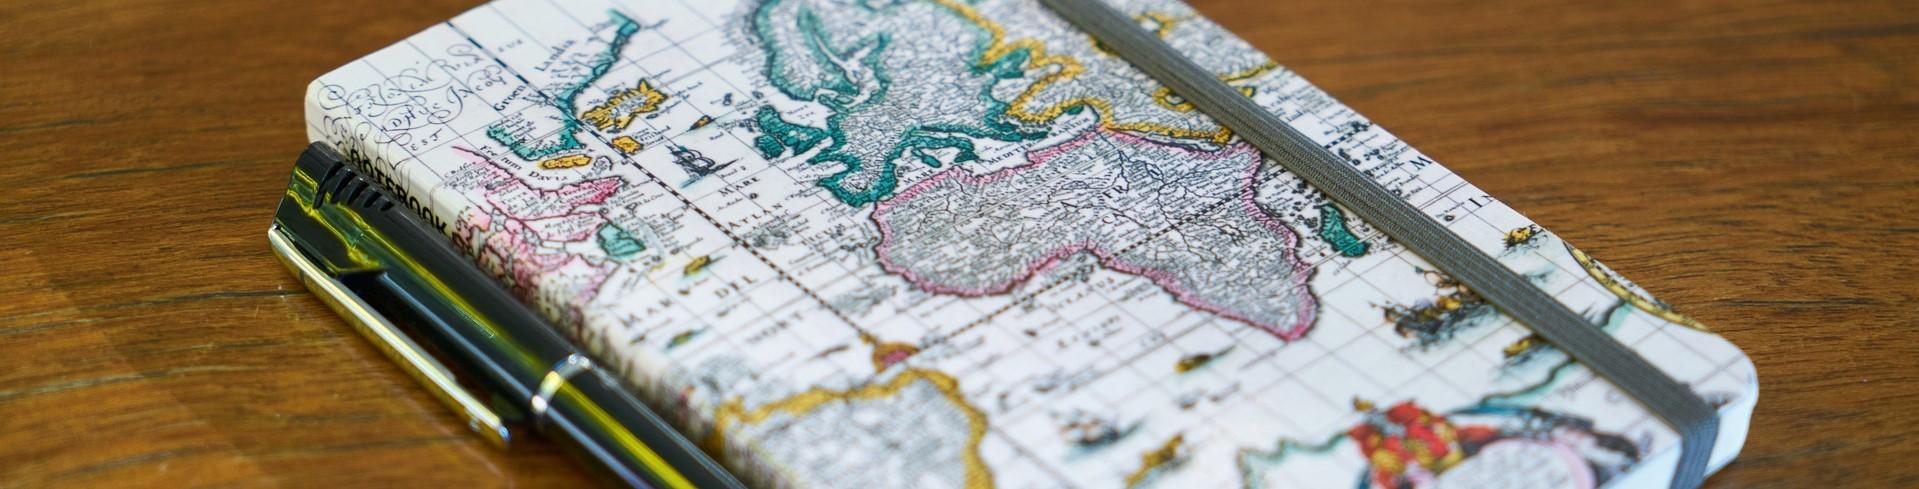 notebook-2238099_1920